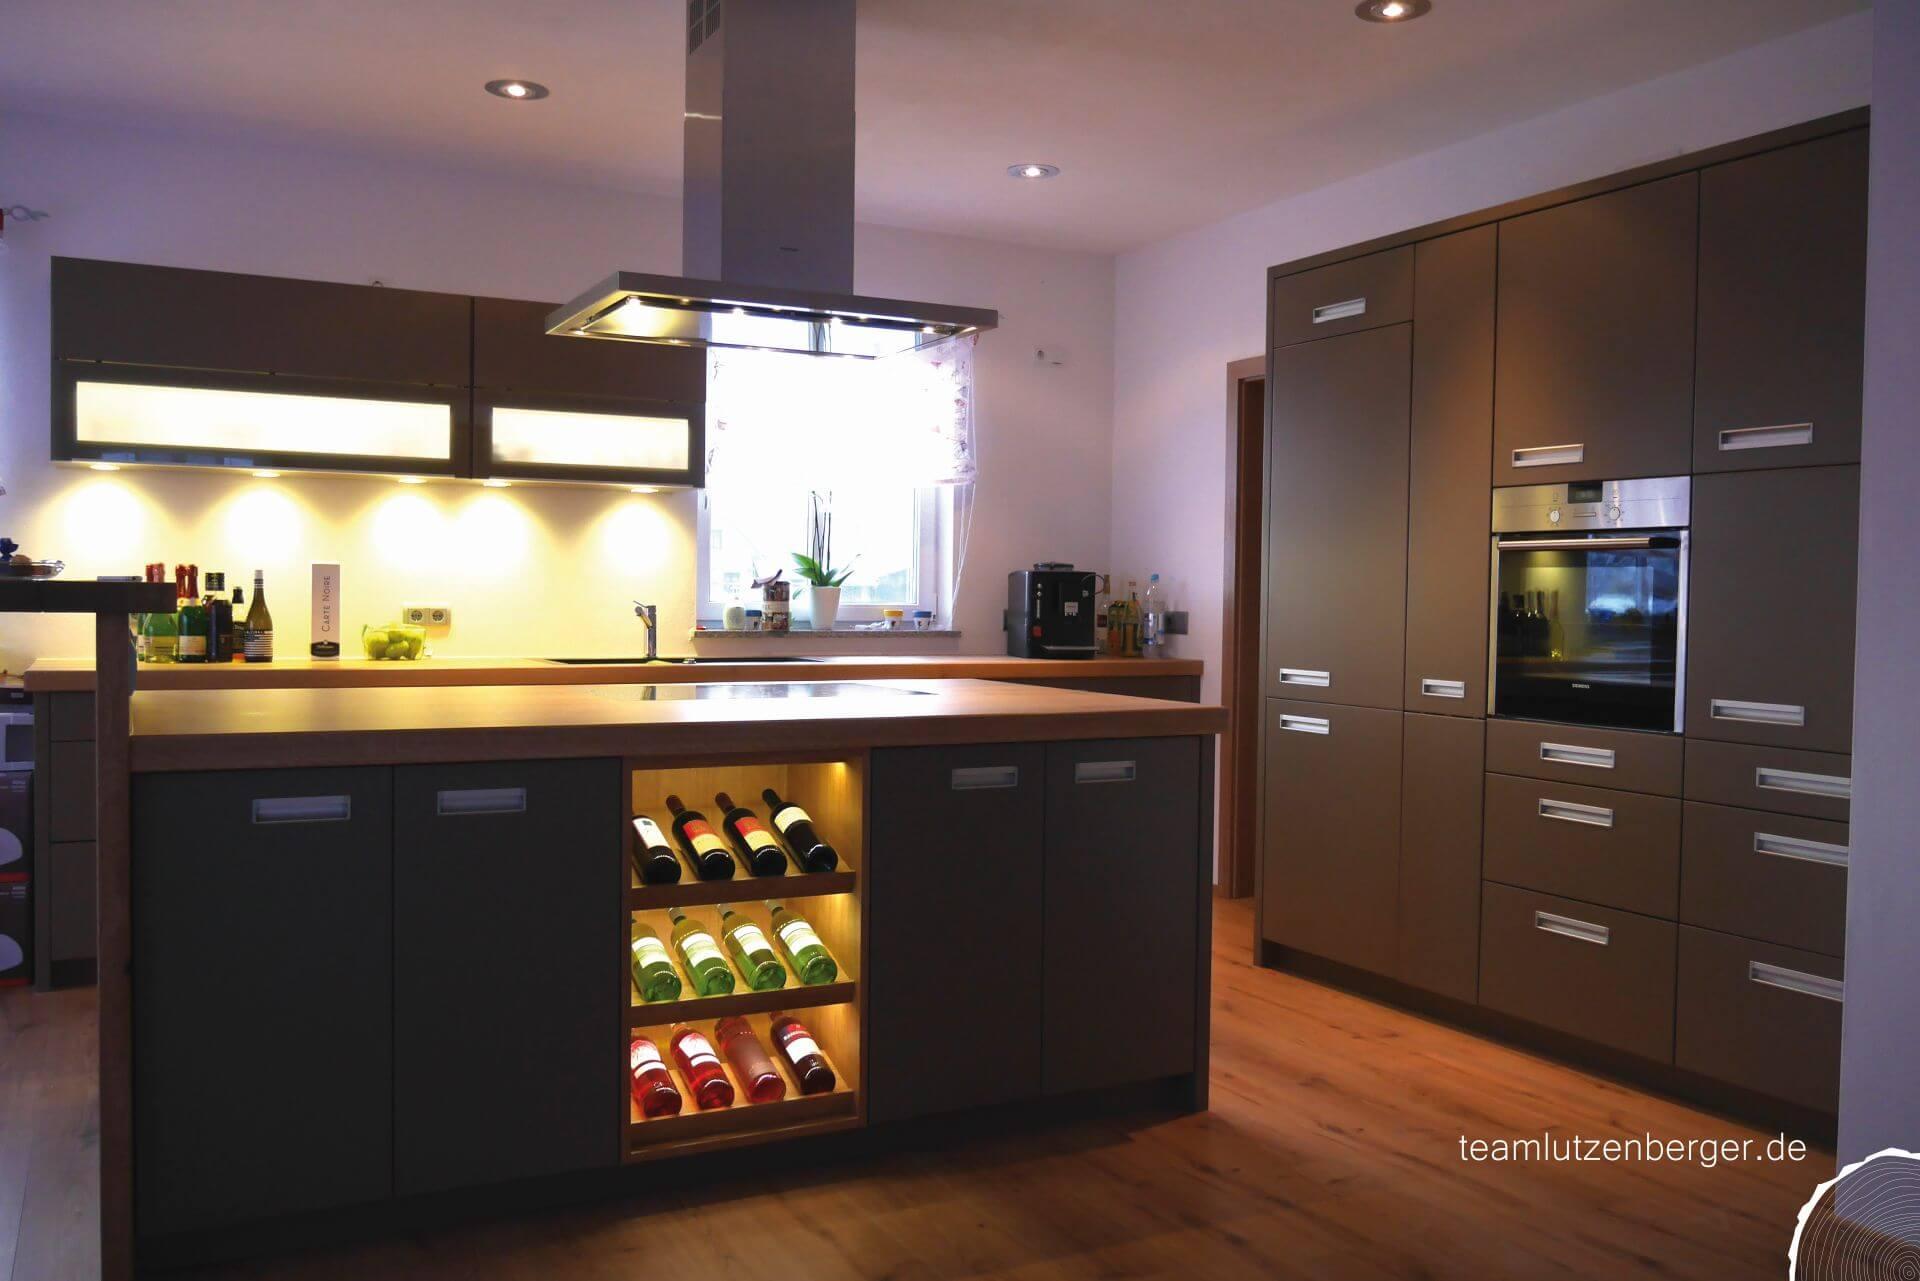 Küche mit Theke Einfamilienhaus - Teamlutzenberger